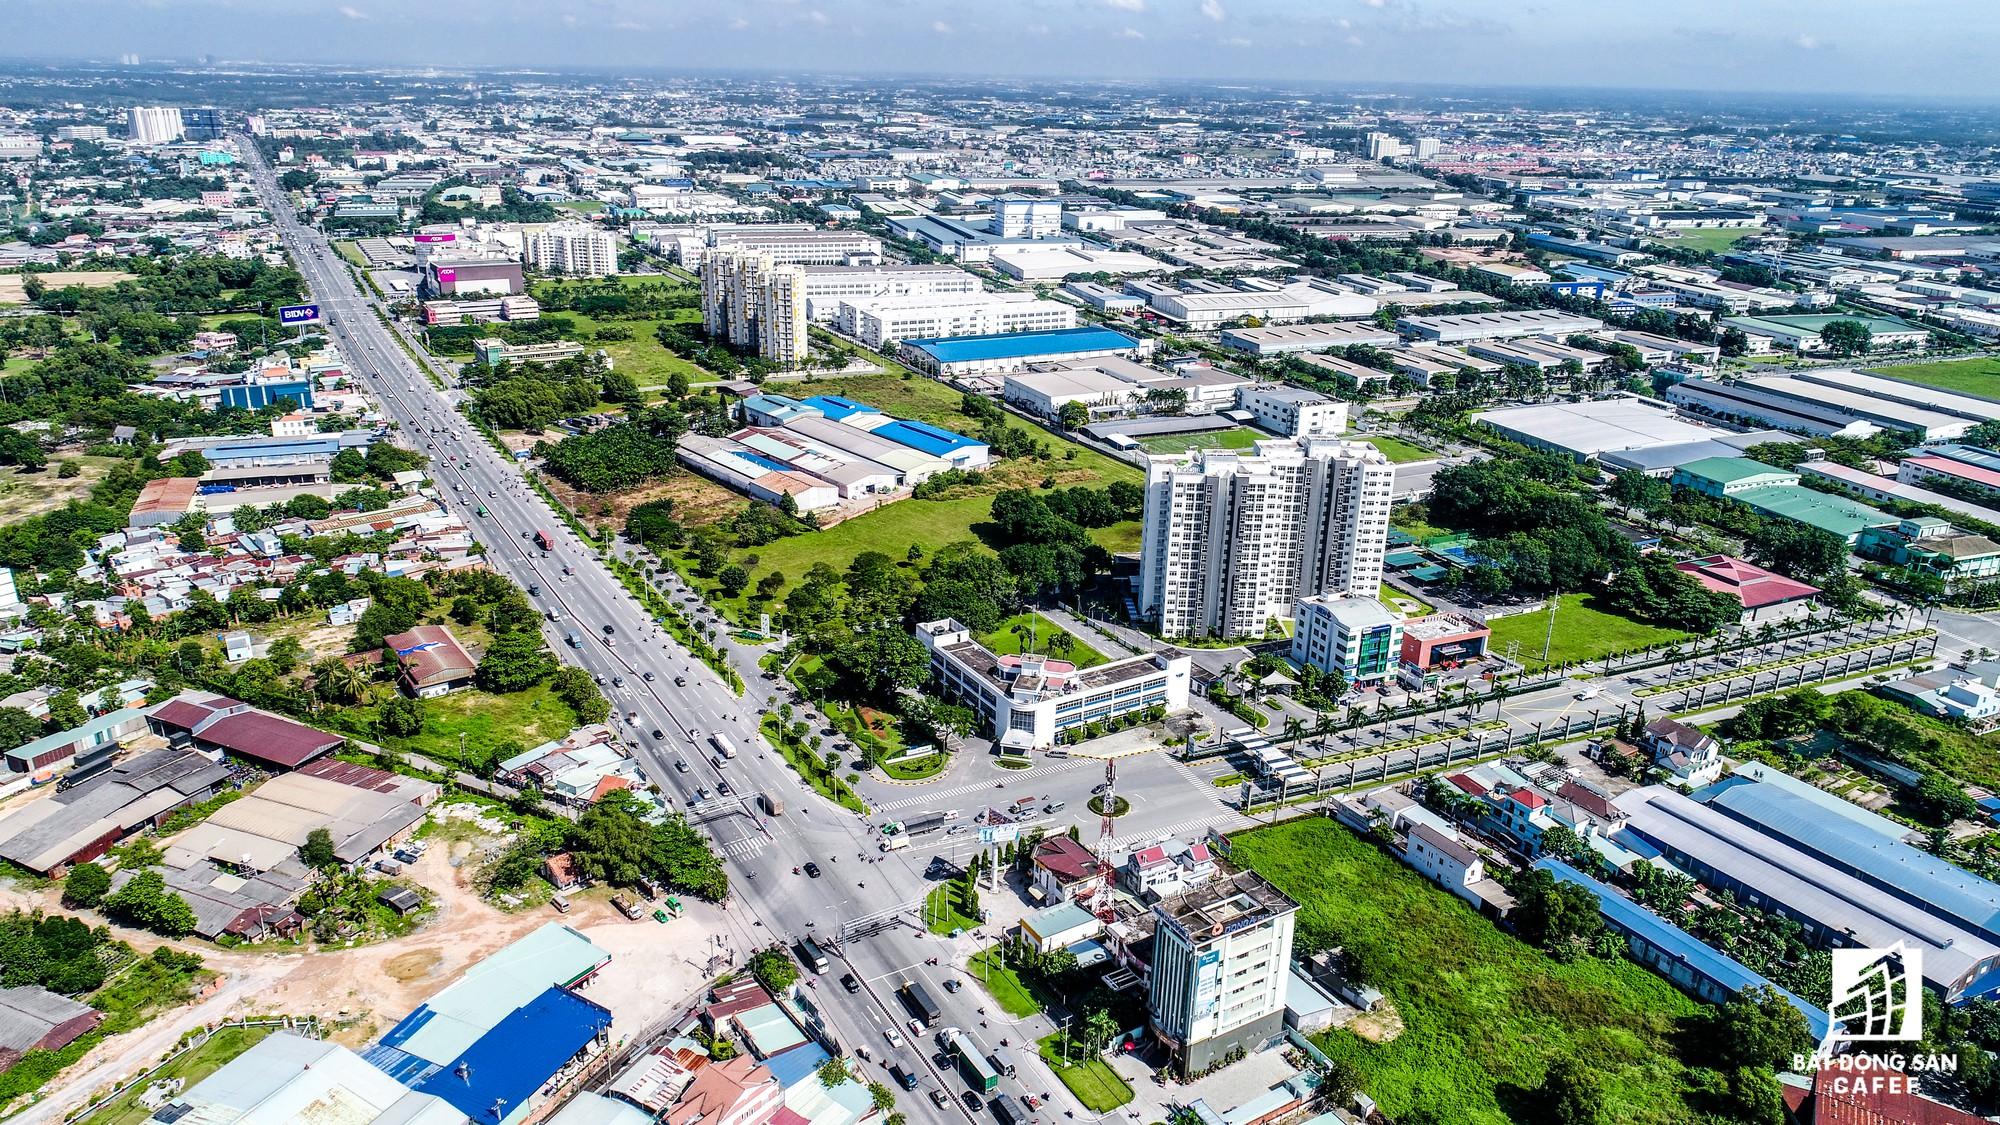 Đây sẽ là thương vụ IPO lớn nhất năm 2017, và đứng thứ 2 trong lịch sử phân khúc chứng khoán Việt Nam sau thương vụ IPO Vietcombank 1 sốh đó 10 năm, thu về hơn 10.500 tỷ đồng.